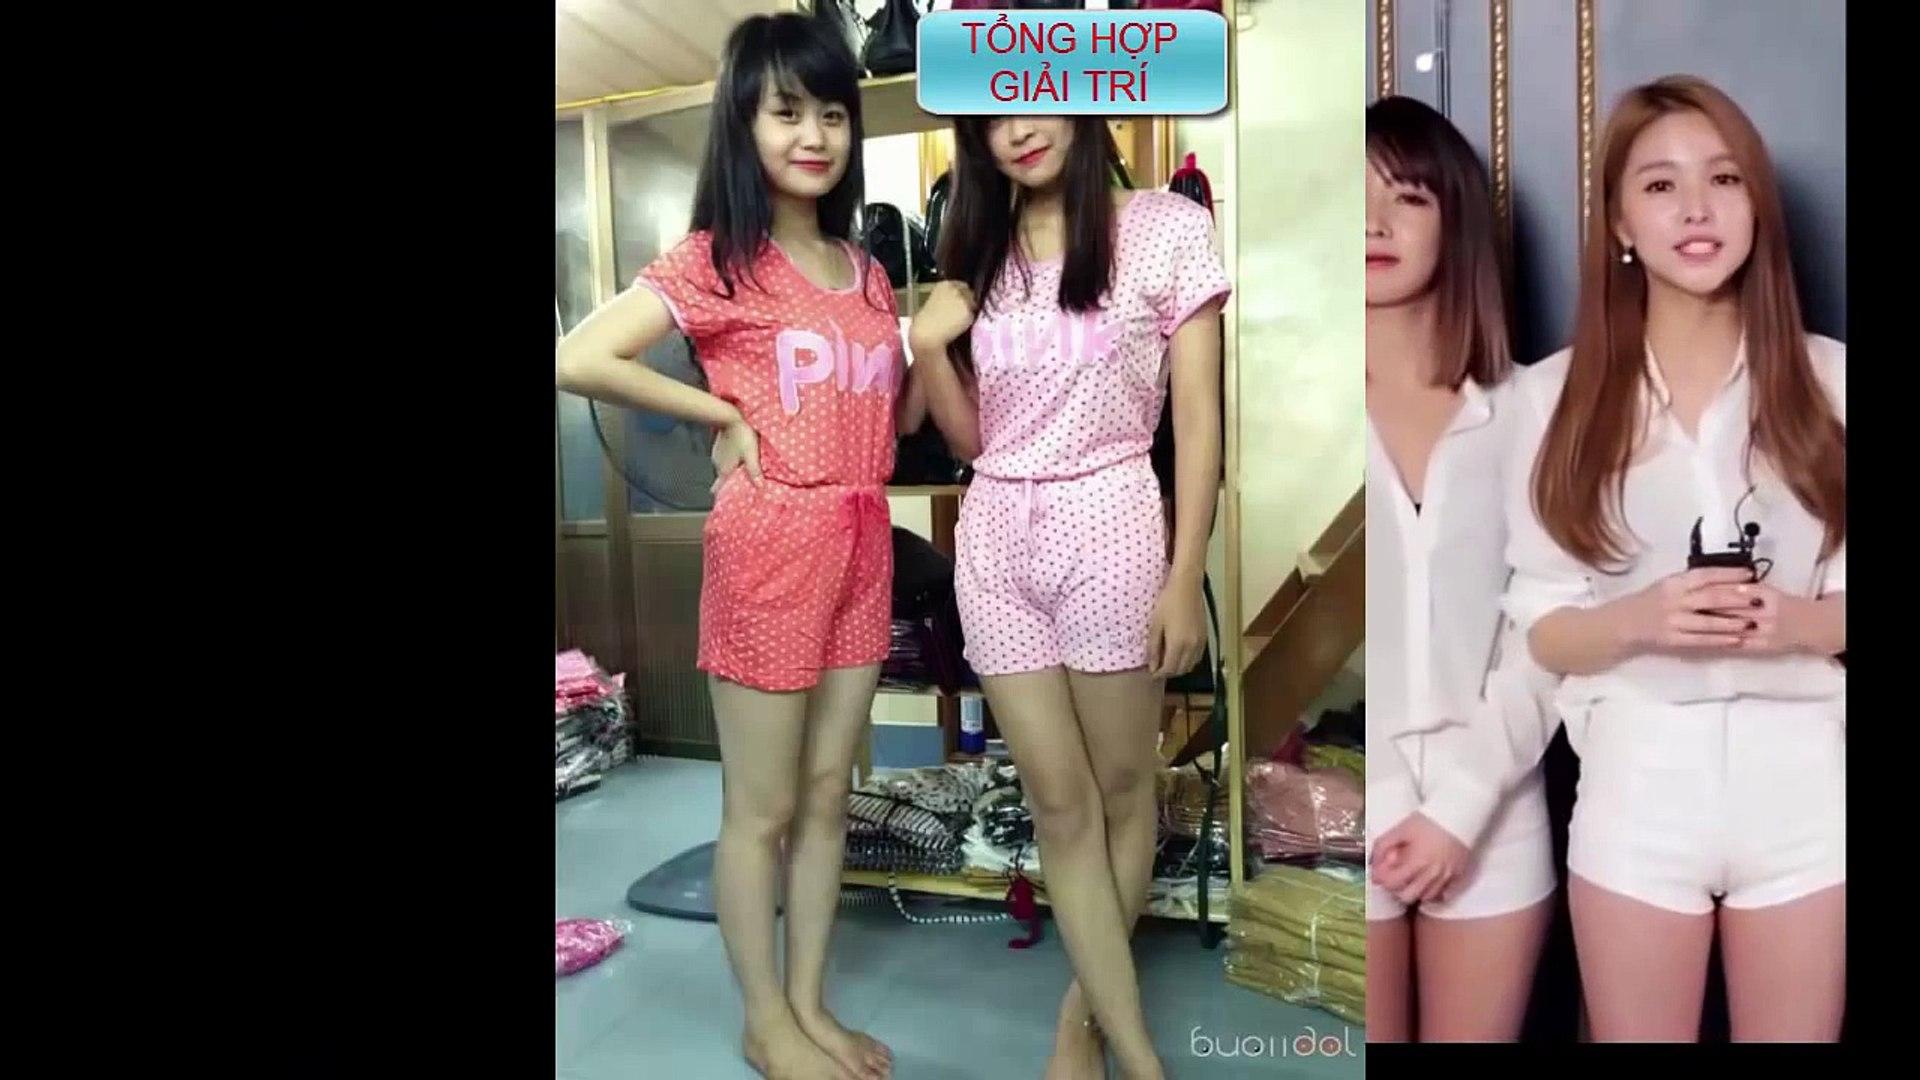 Gái xinh lộ hàng - Nhóm nhạc nữ xinh đẹp Hàn Quốc lộ fan mu cực múp khi nhảy - Lộ Hàng